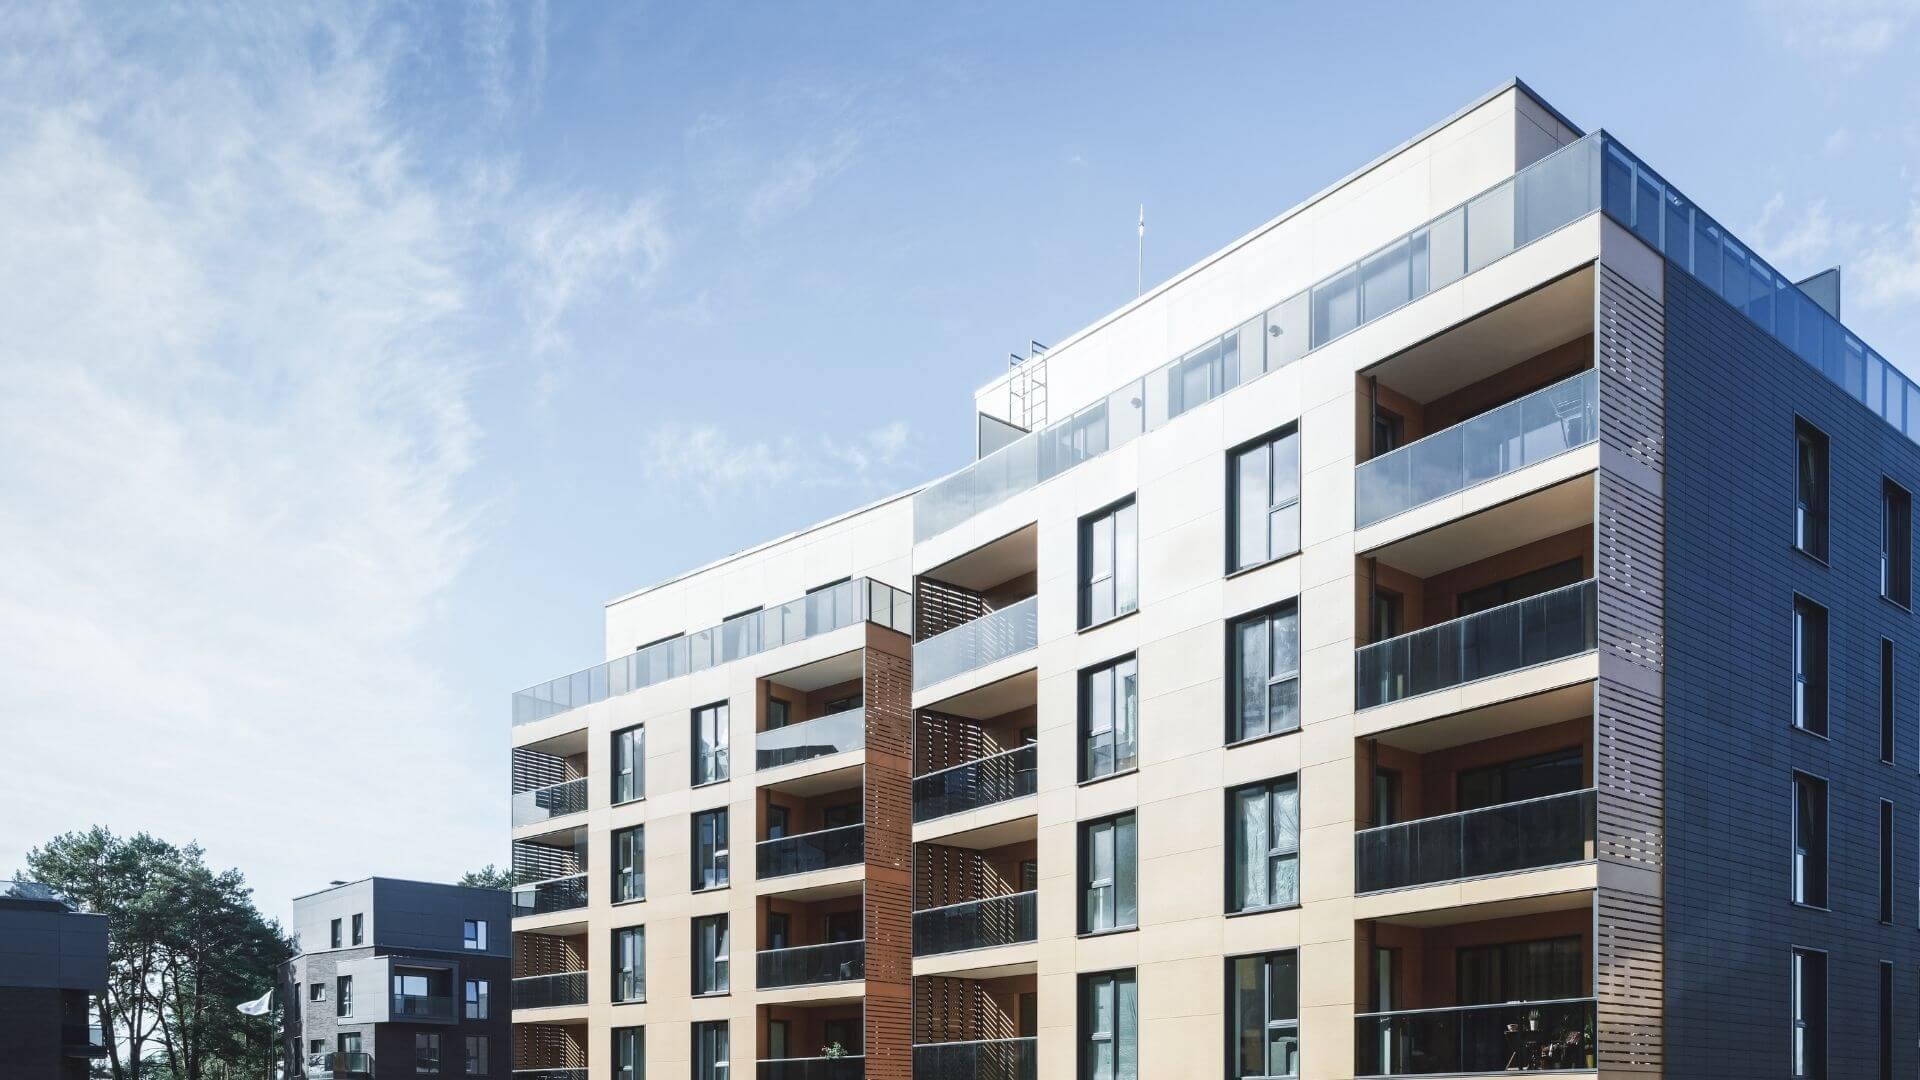 Moderne Mehrfamilienhaus zu verkaufen. Der Bau der Giganten geht voran. Renditeobjekte sind gefragter denn je. Der Bau der Mehrfamilienhäuser bestimmt unsere Zeit.